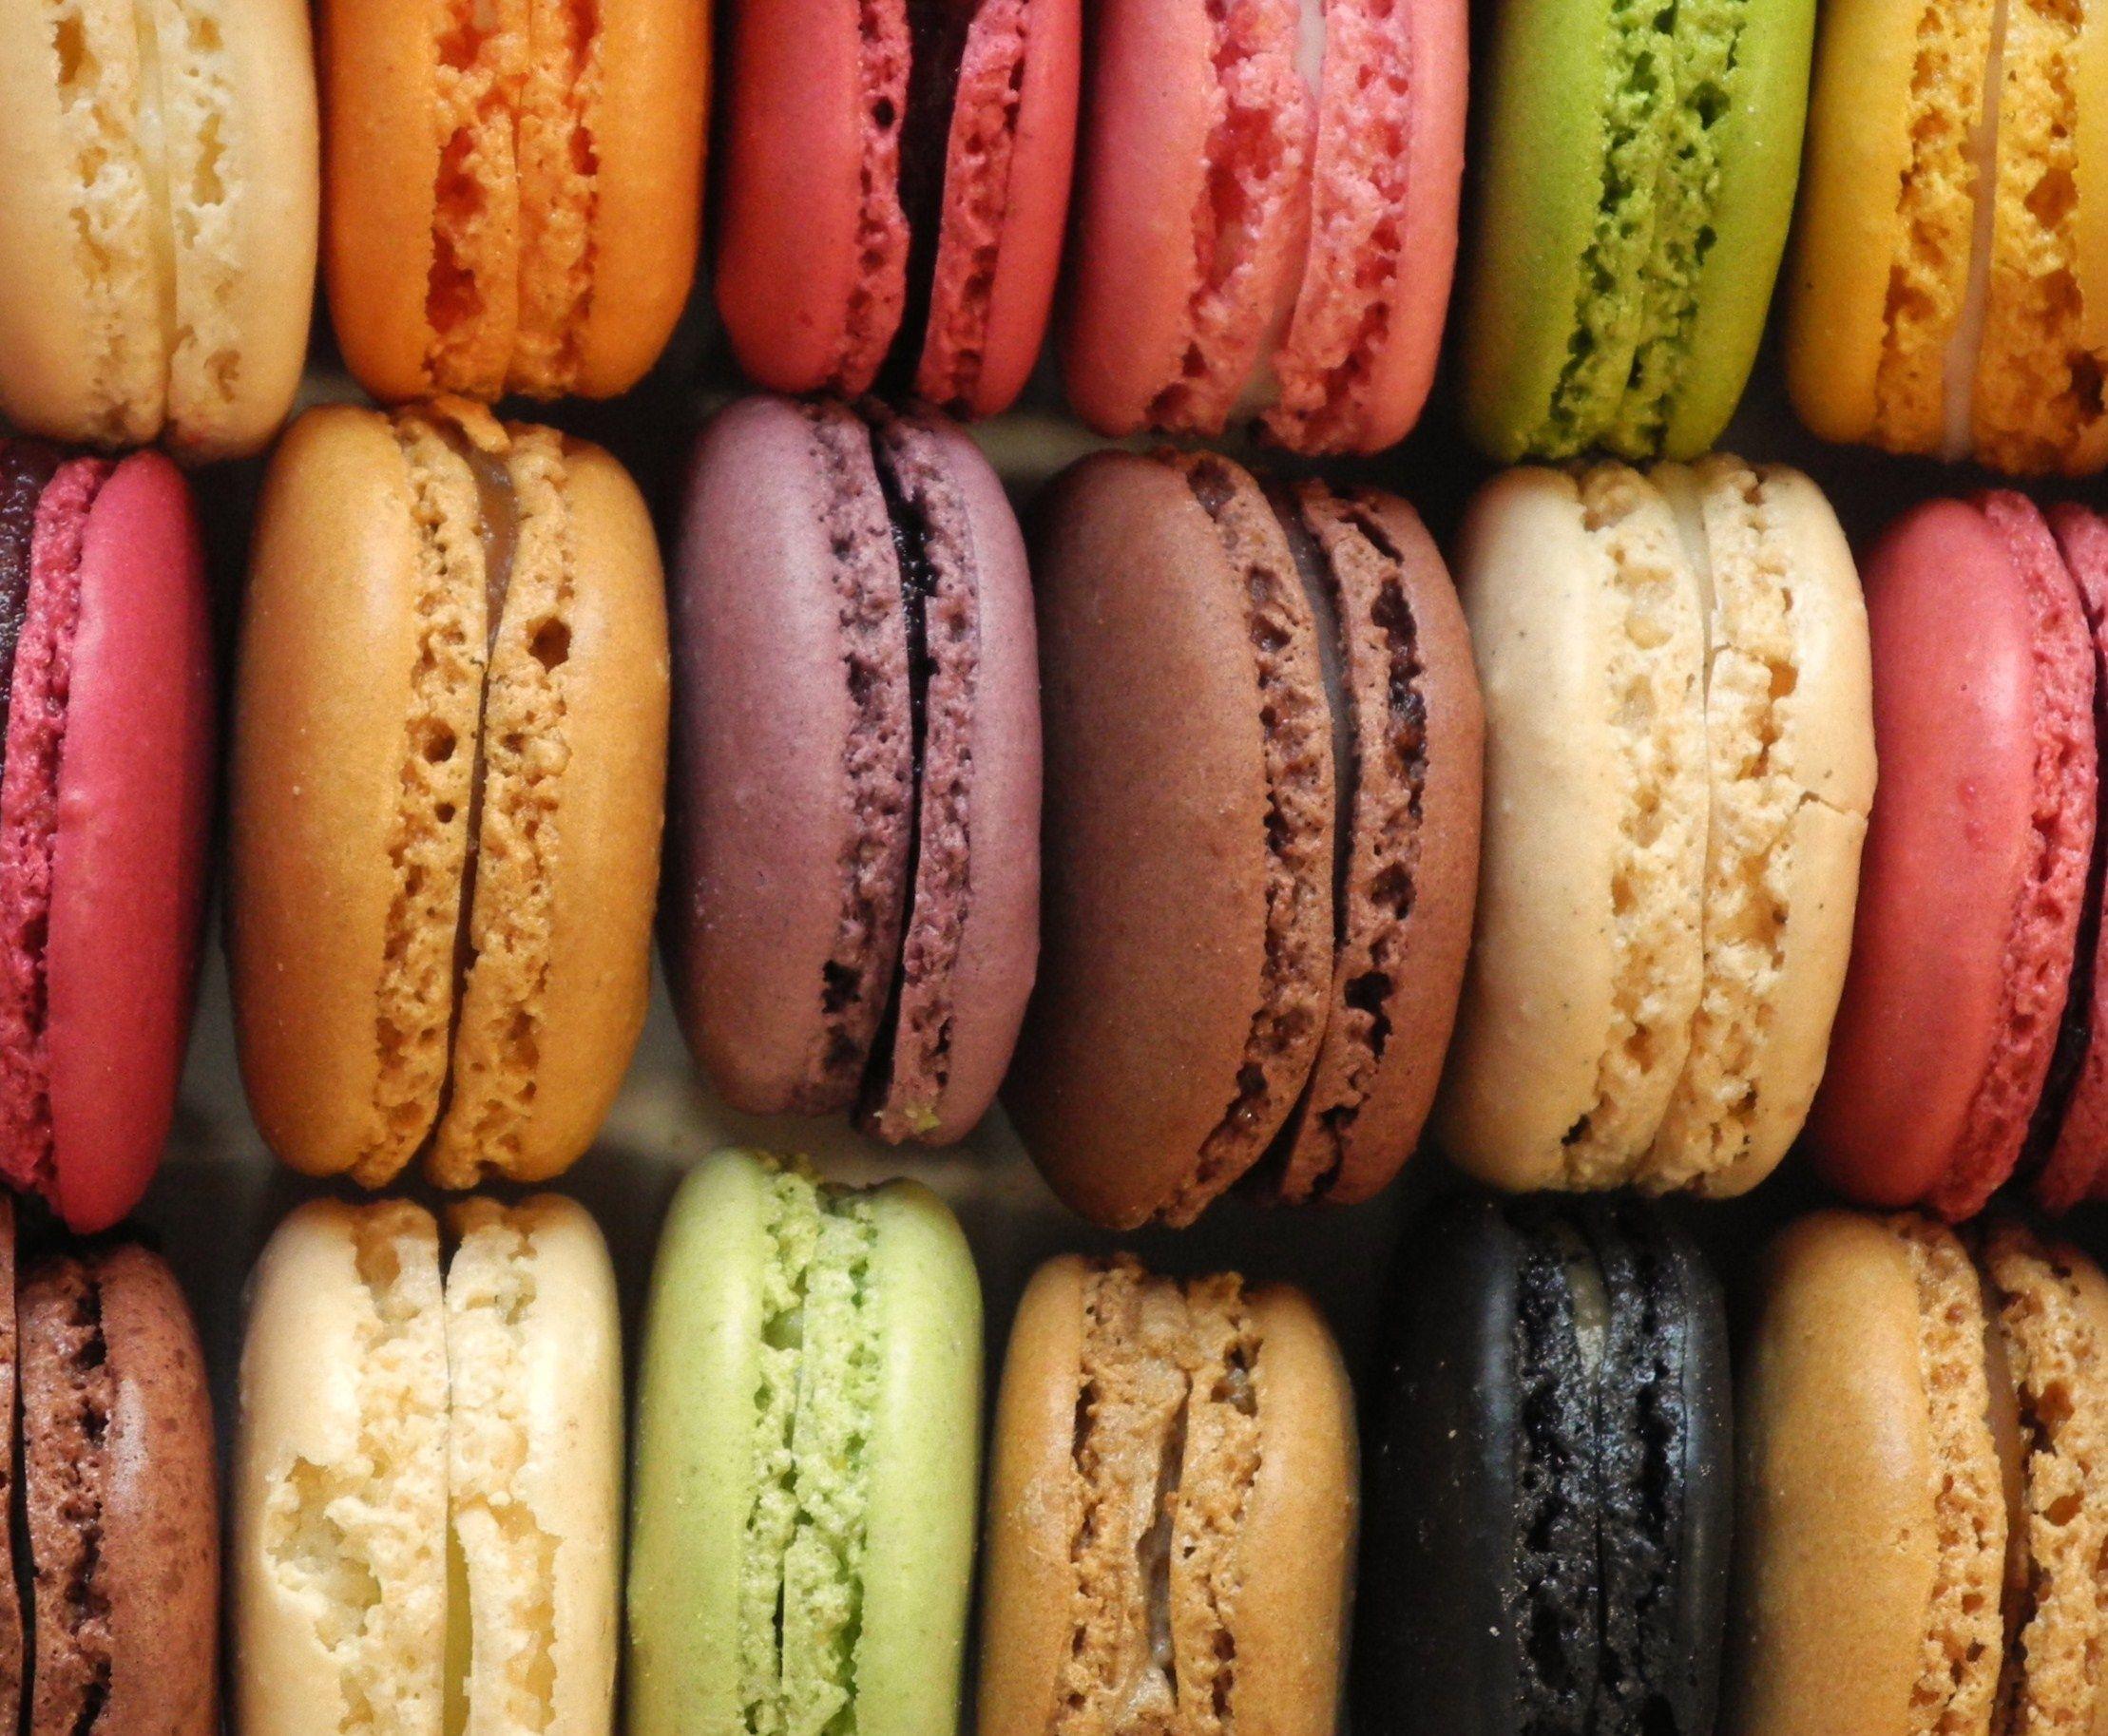 картинки как выглядят печеньки макарон ученику начальной школы